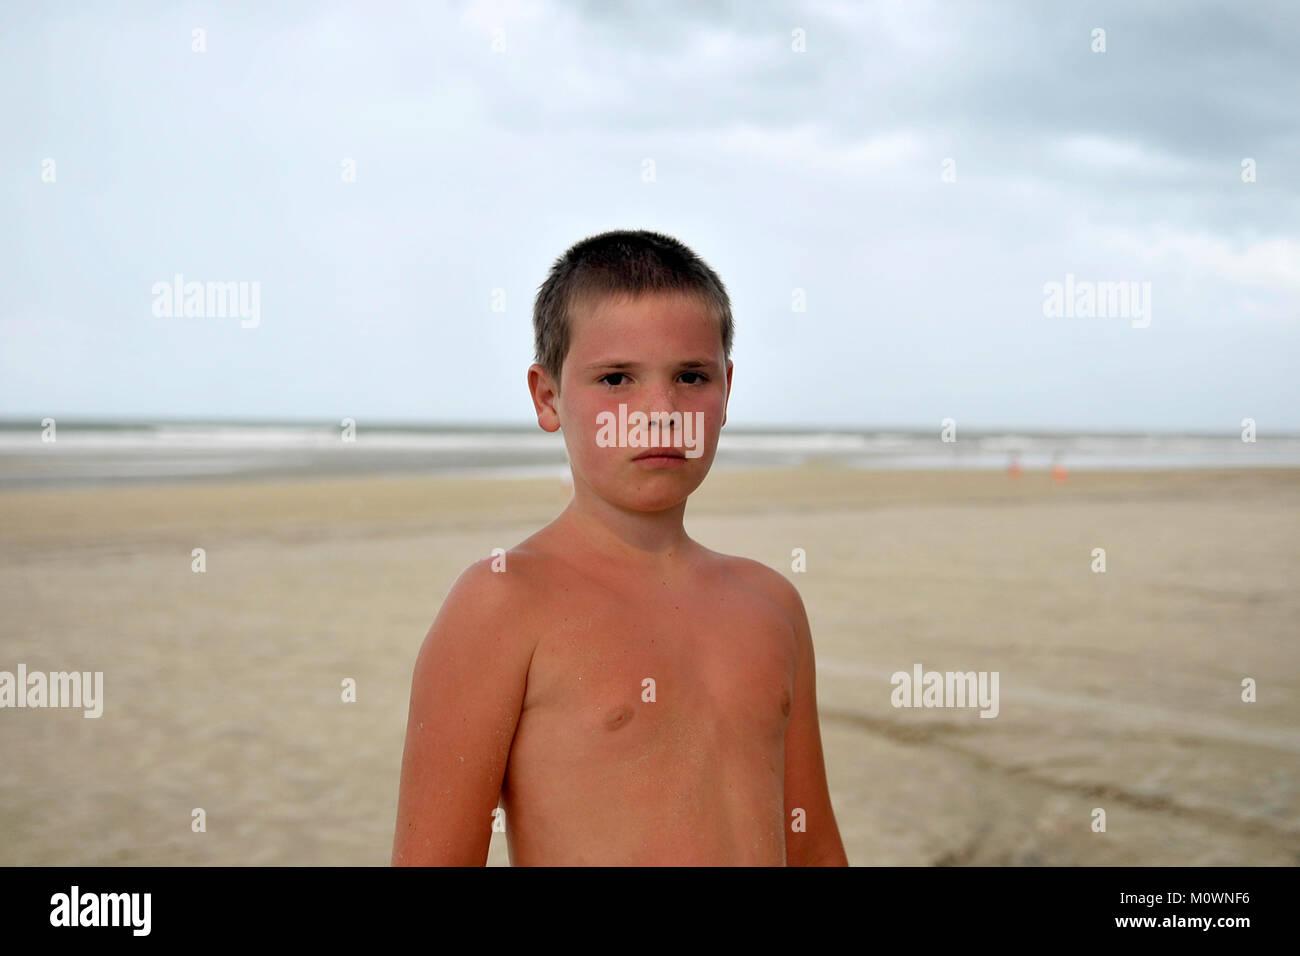 Boy on Beach - Stock Image